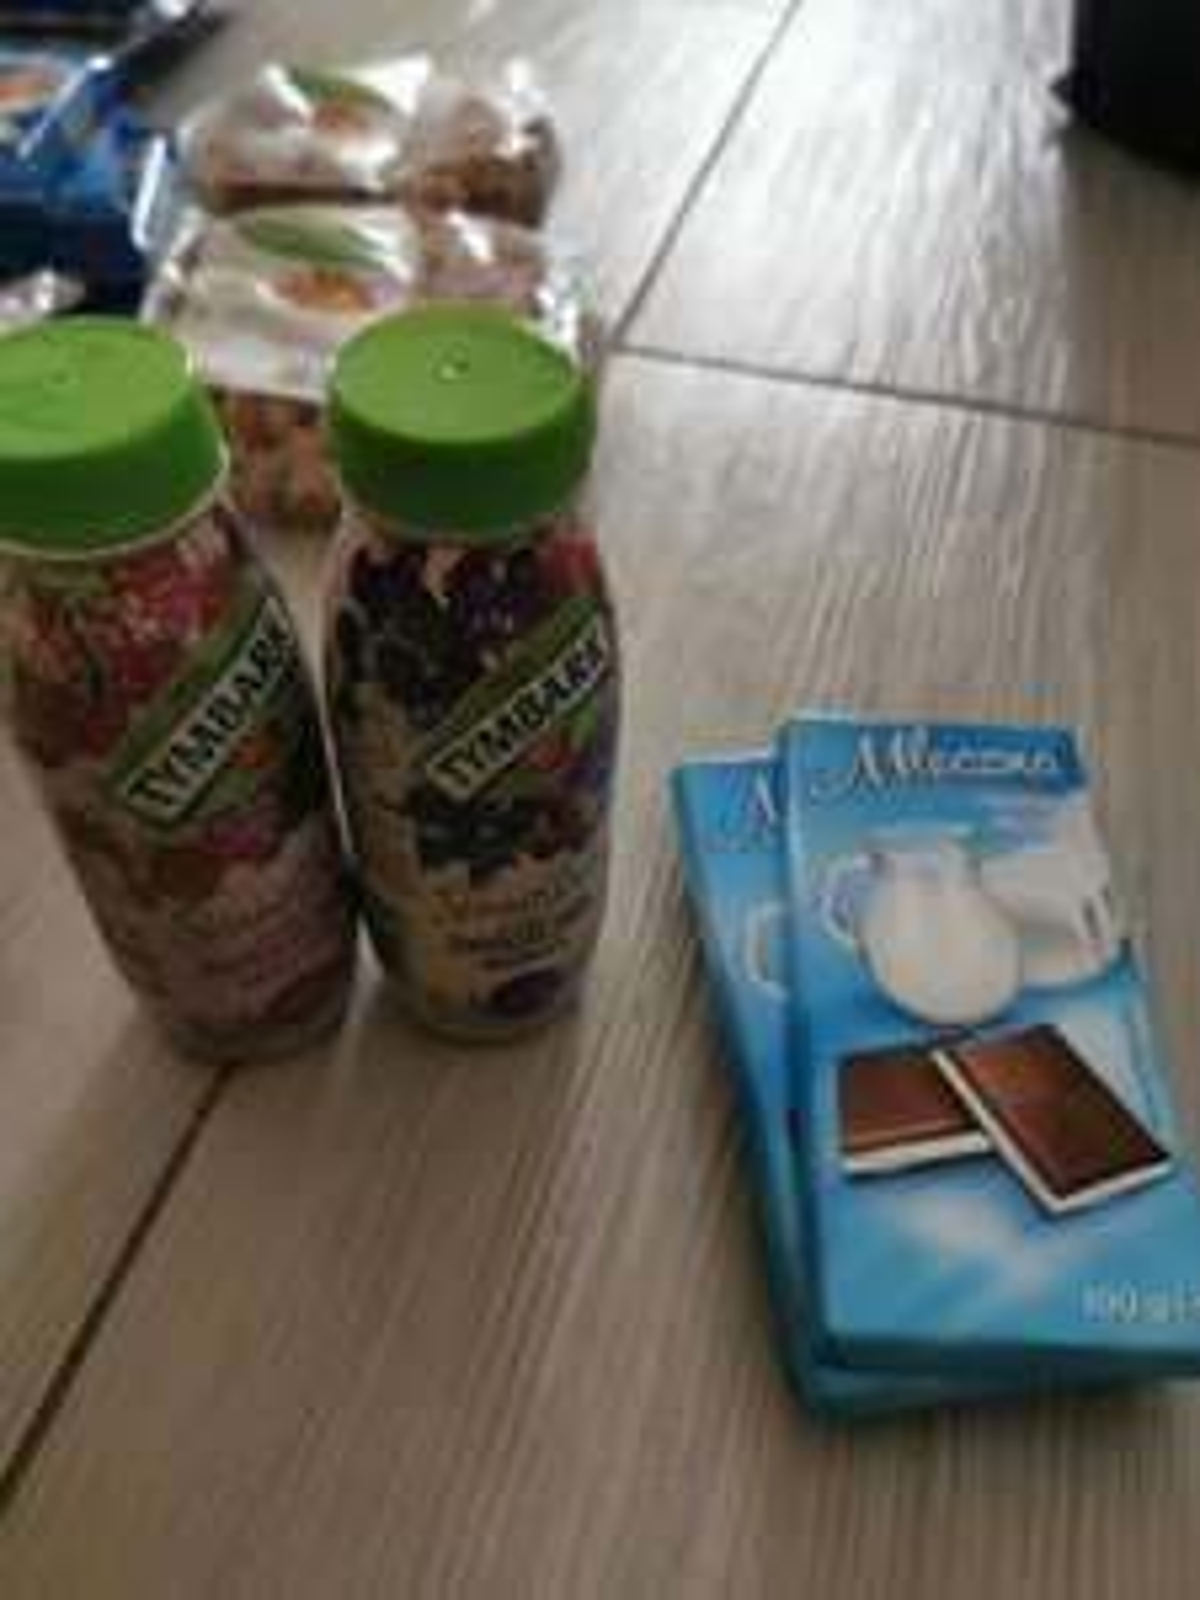 Tymbark smoothie 0.25l, czekolada mleczna 100g. Wyprzedaże Lidla cd.